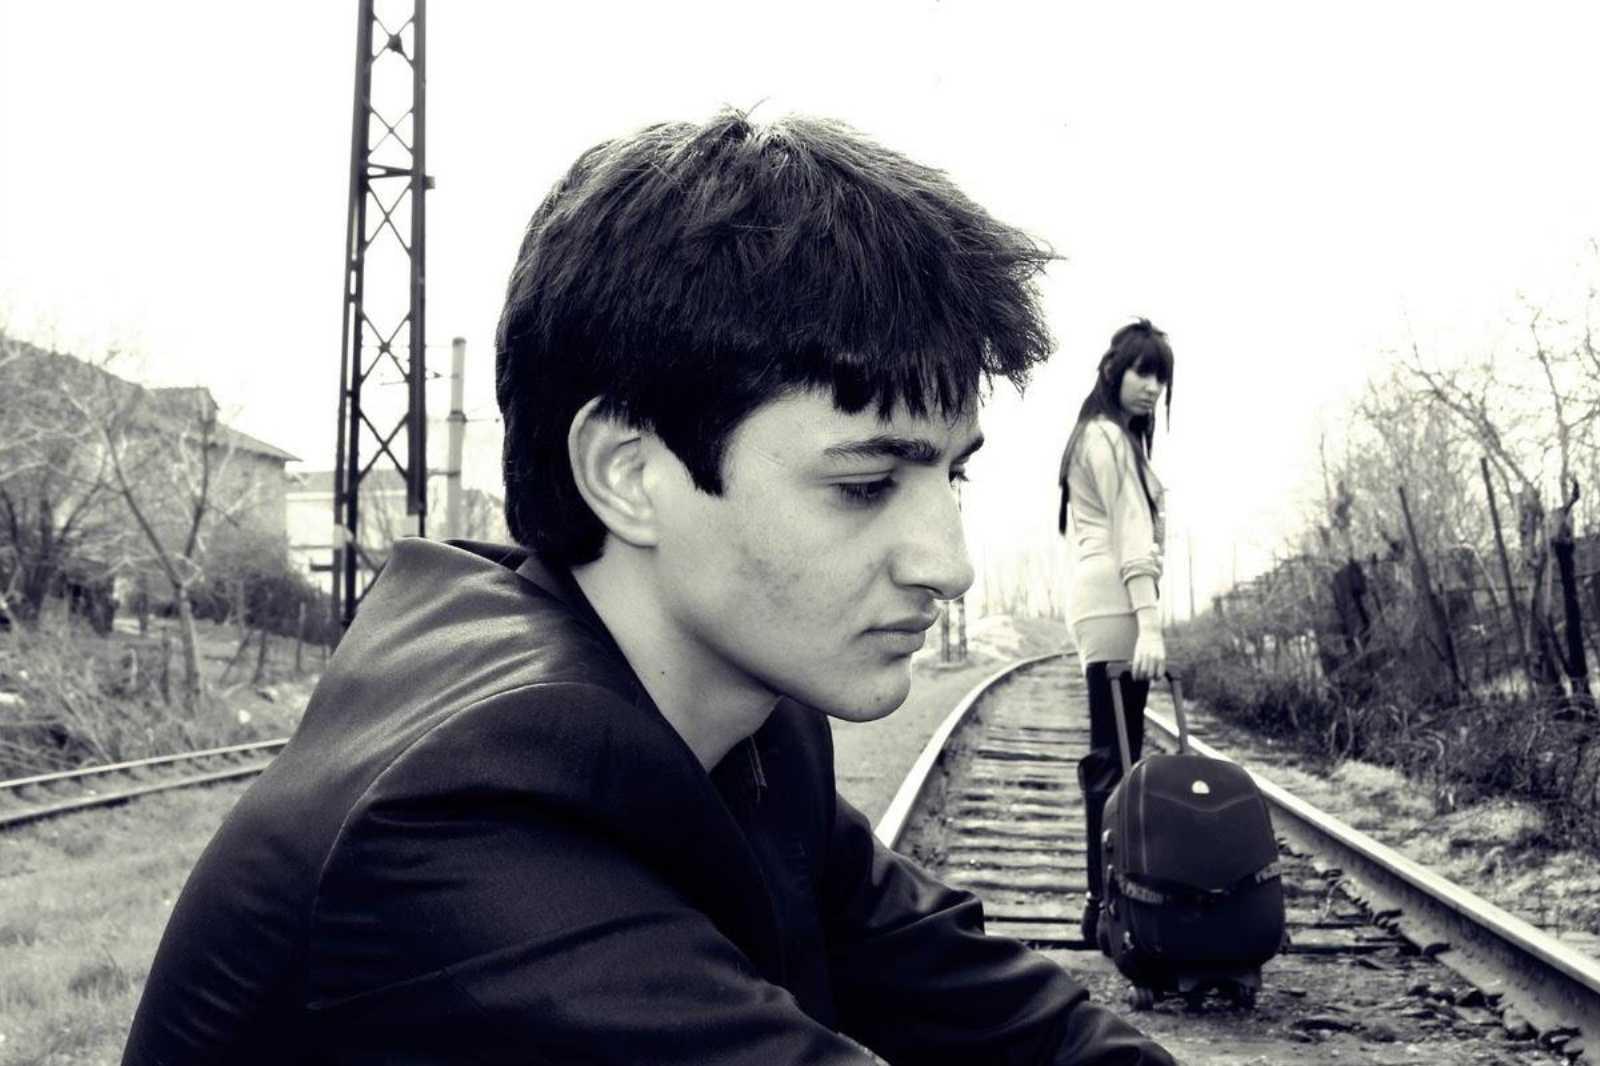 دانلود آهنگ گل بهار از سینا پارسیان